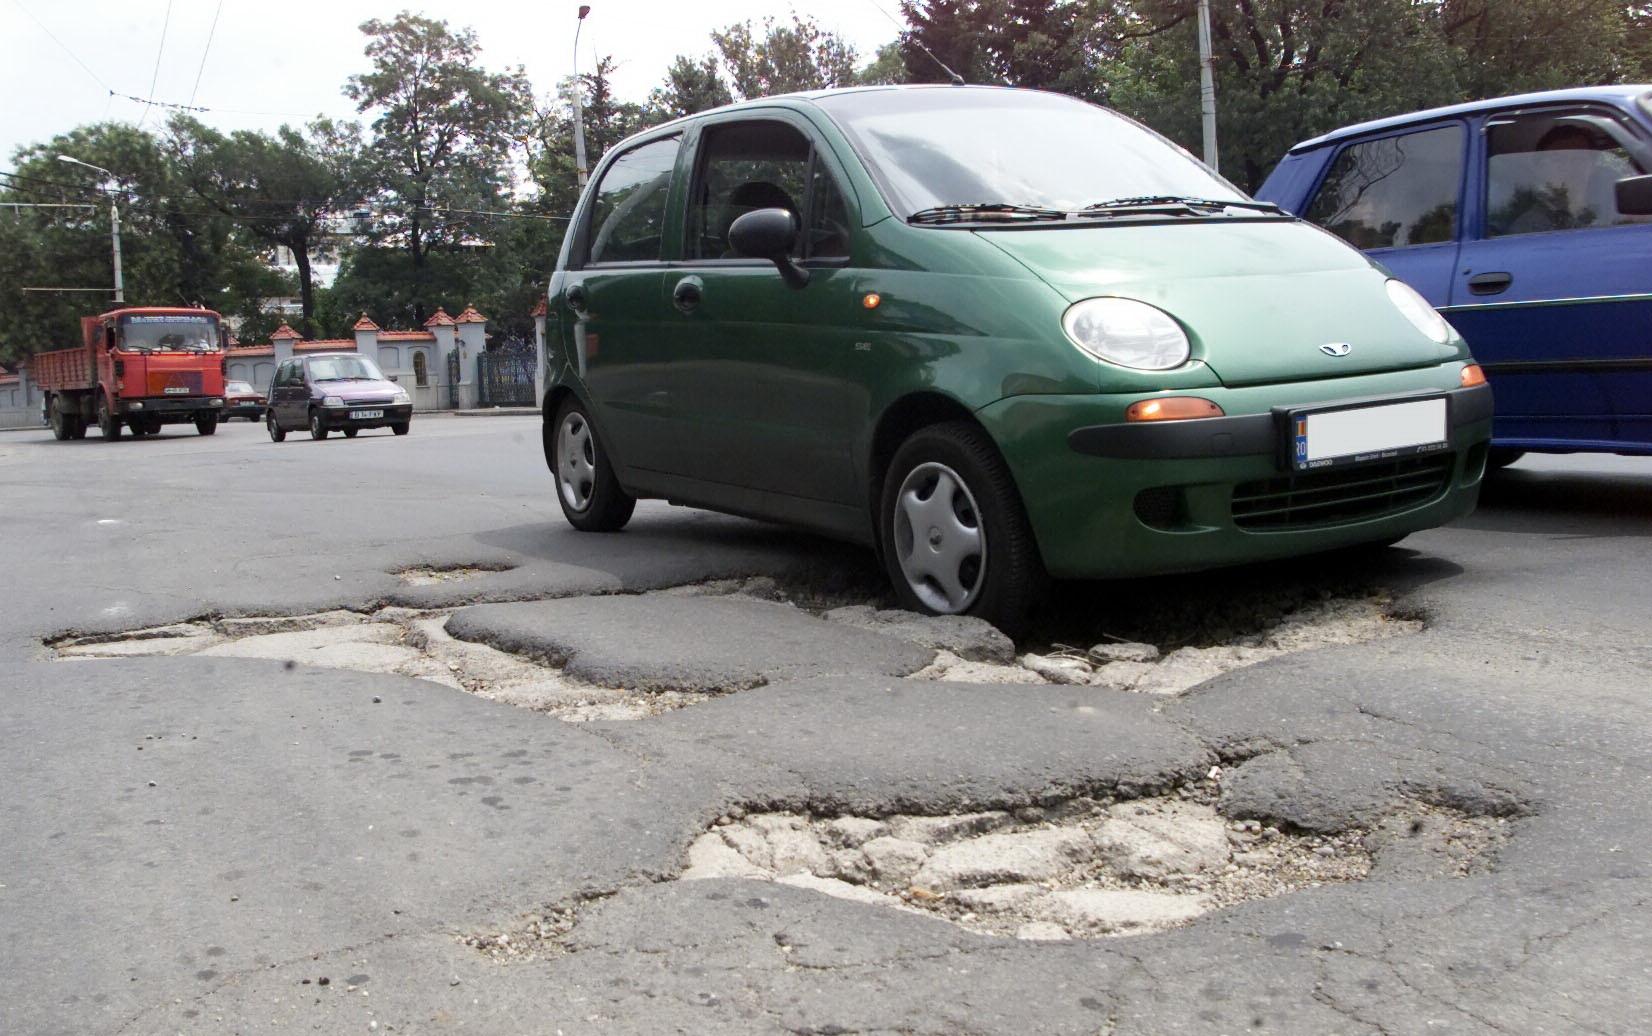 Pumni si injuraturi, din cauza unui drum nou asfaltat, dar plin de gropi!